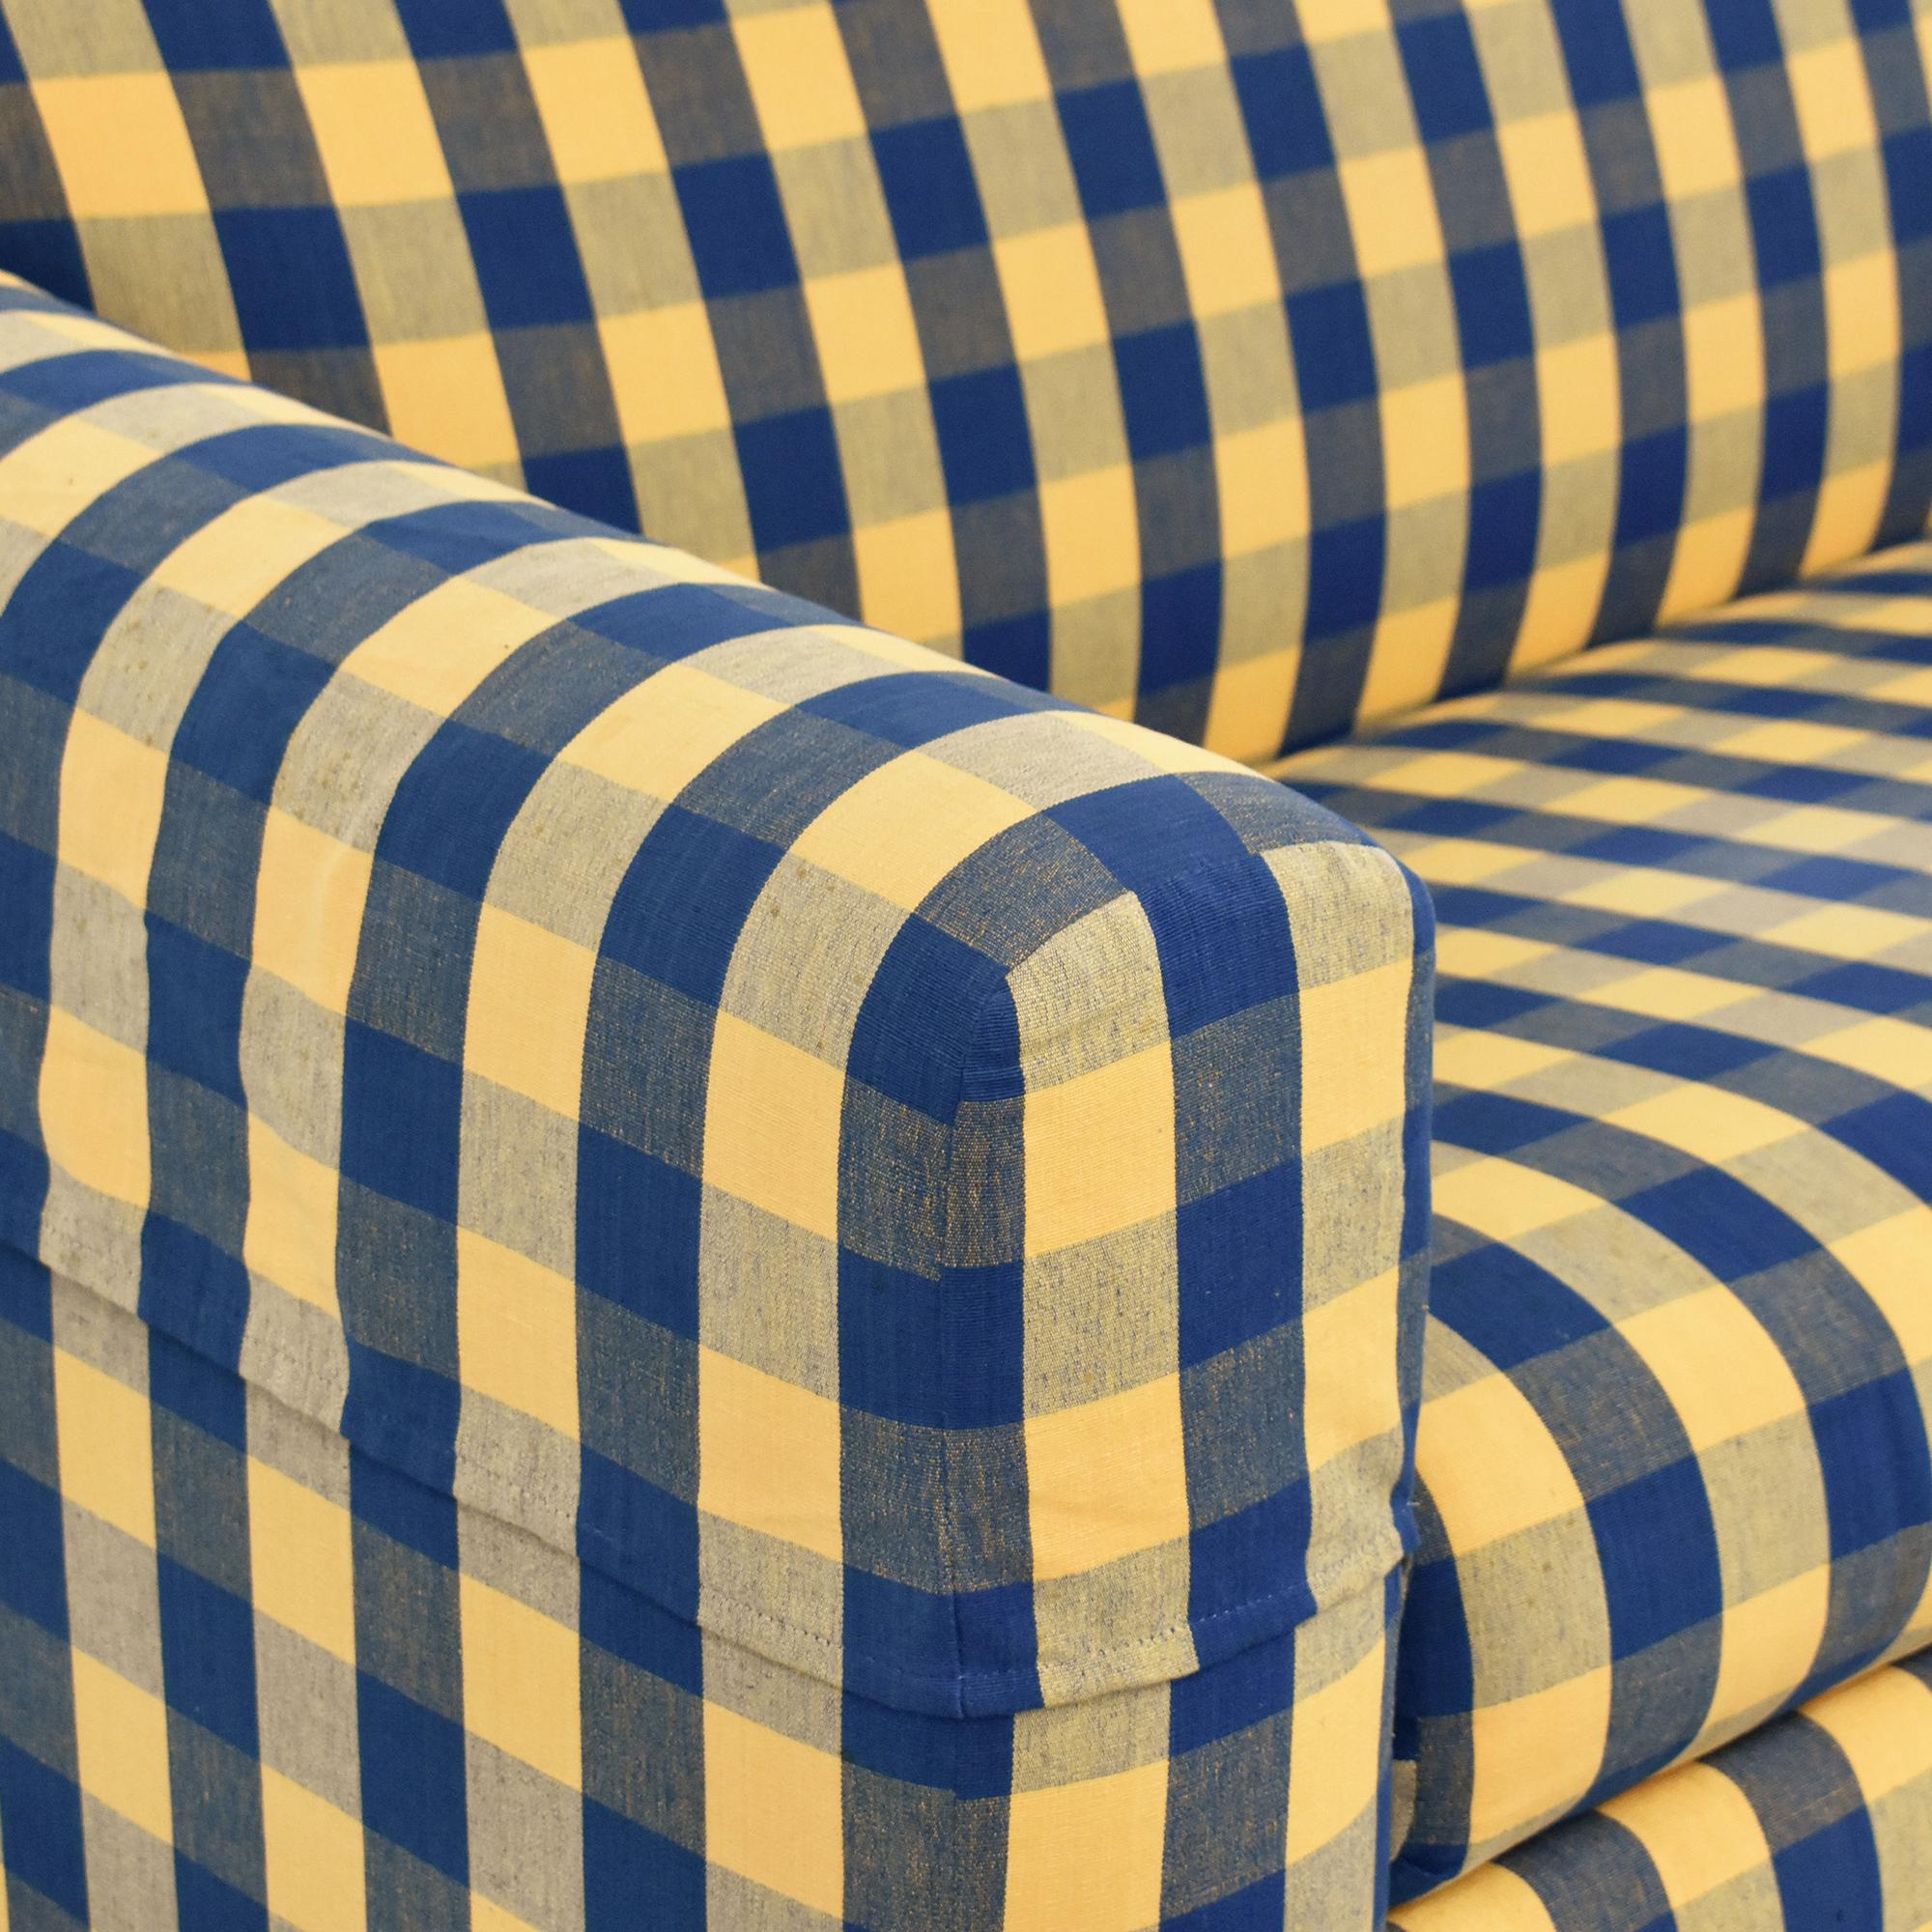 Flexsteel Flexsteel Sleephaven Twin Sleeper Sofa ct